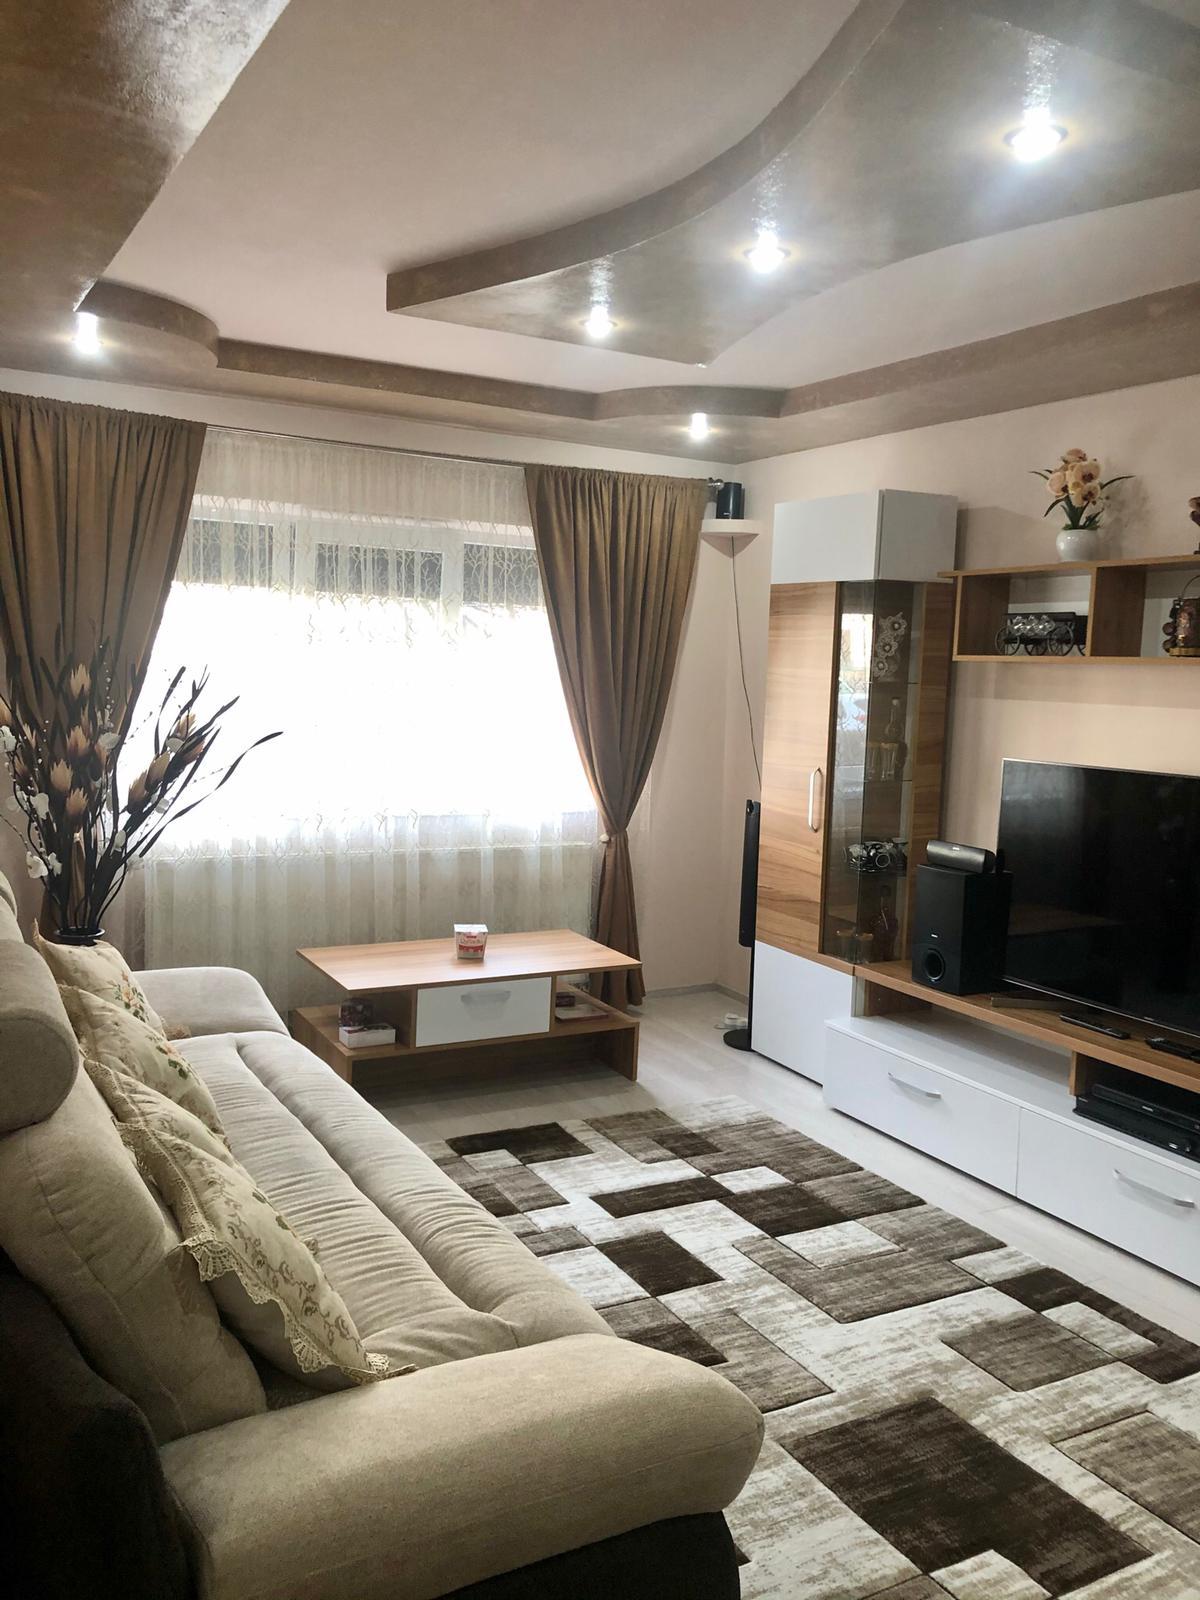 Vanzare apartament 3 camere, micro 12 Targoviste